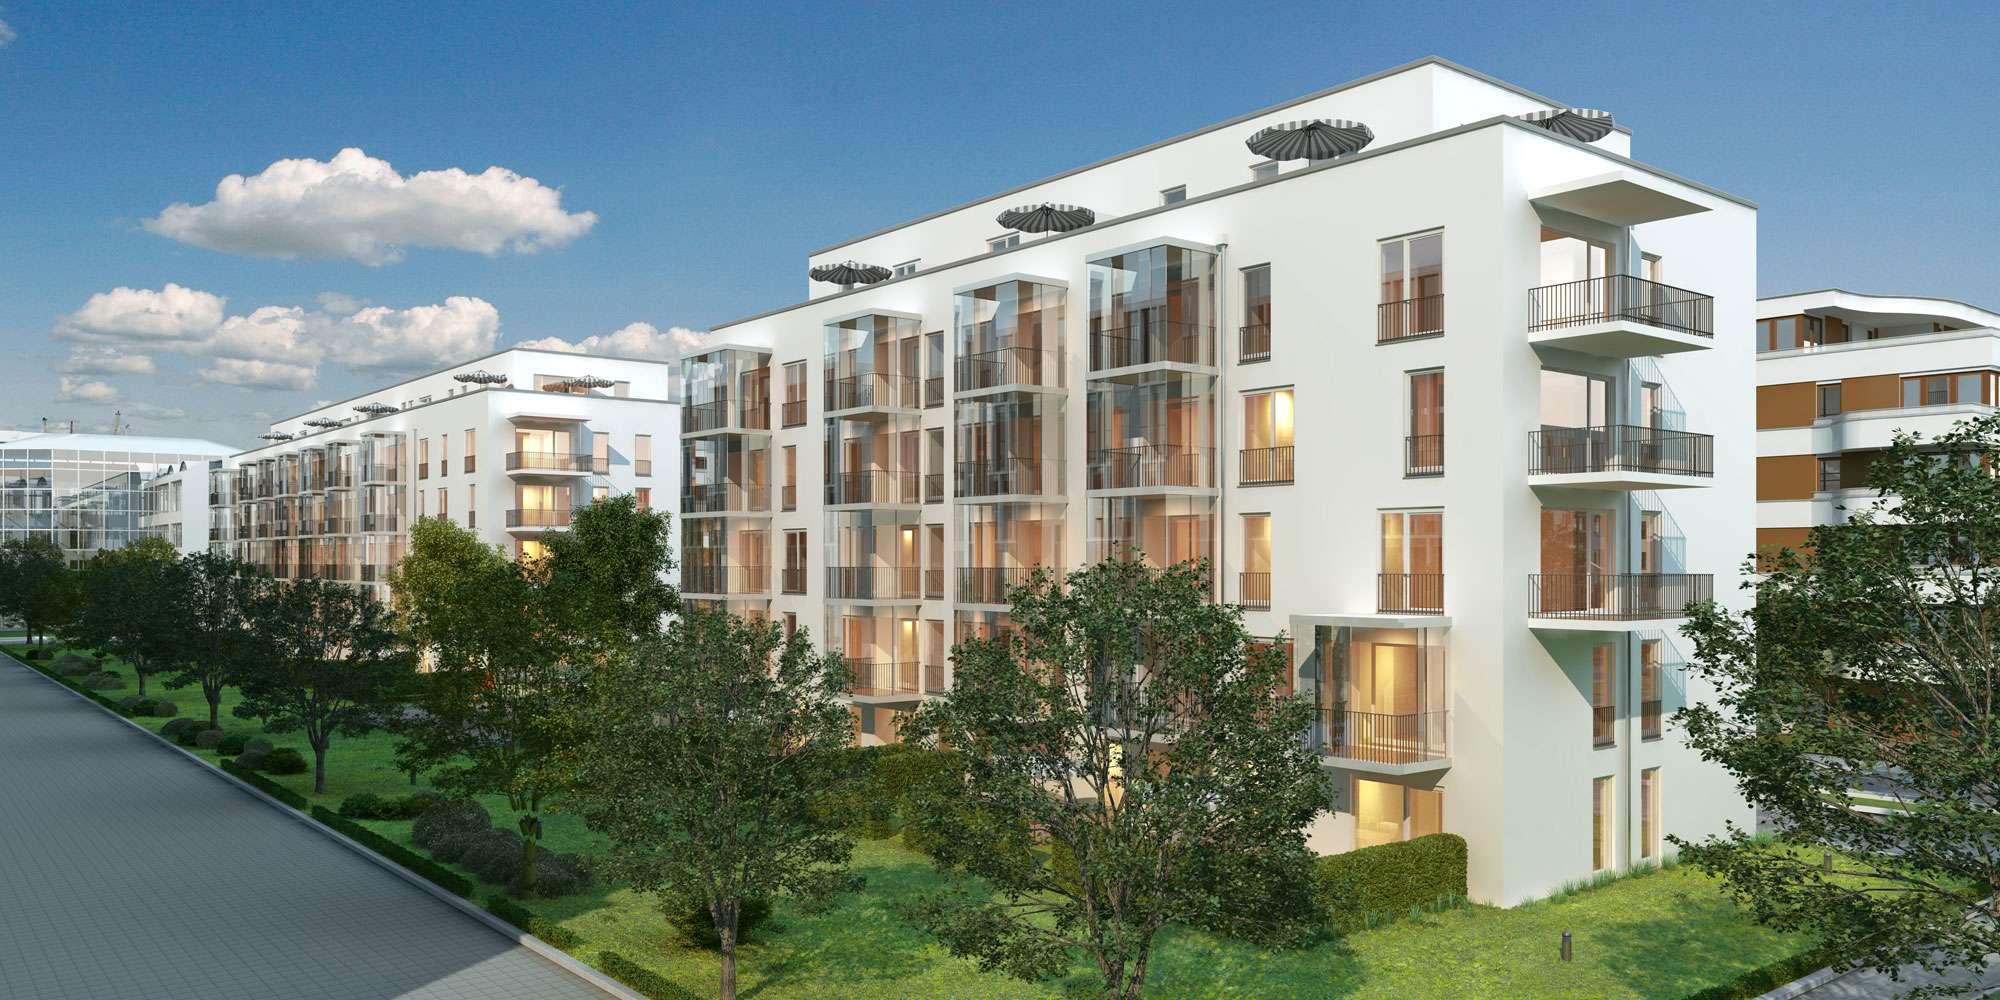 Moderne 3 Zi. Etagenwohnung mit 2 Balkonen in Schwabinger Neubaugebiet - Hans-Döllgast-Str. 6